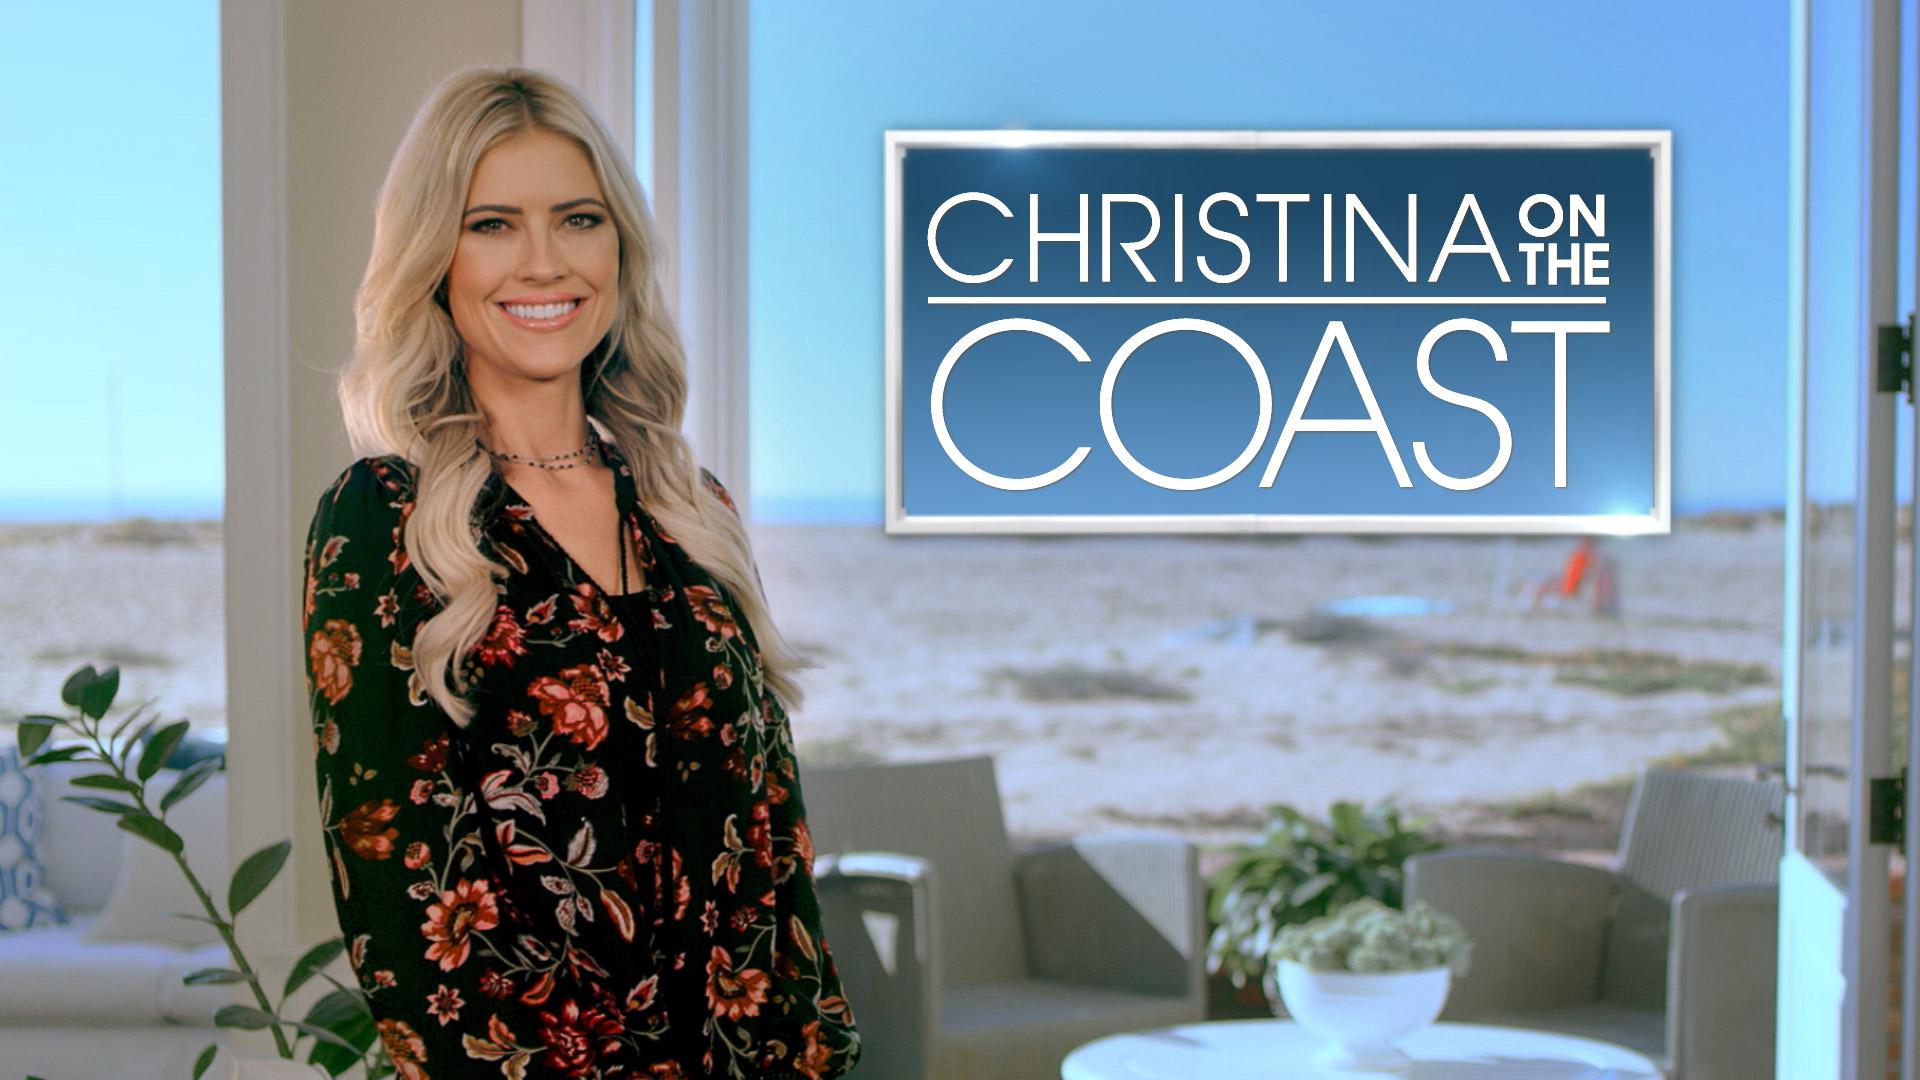 Christina on the Coast